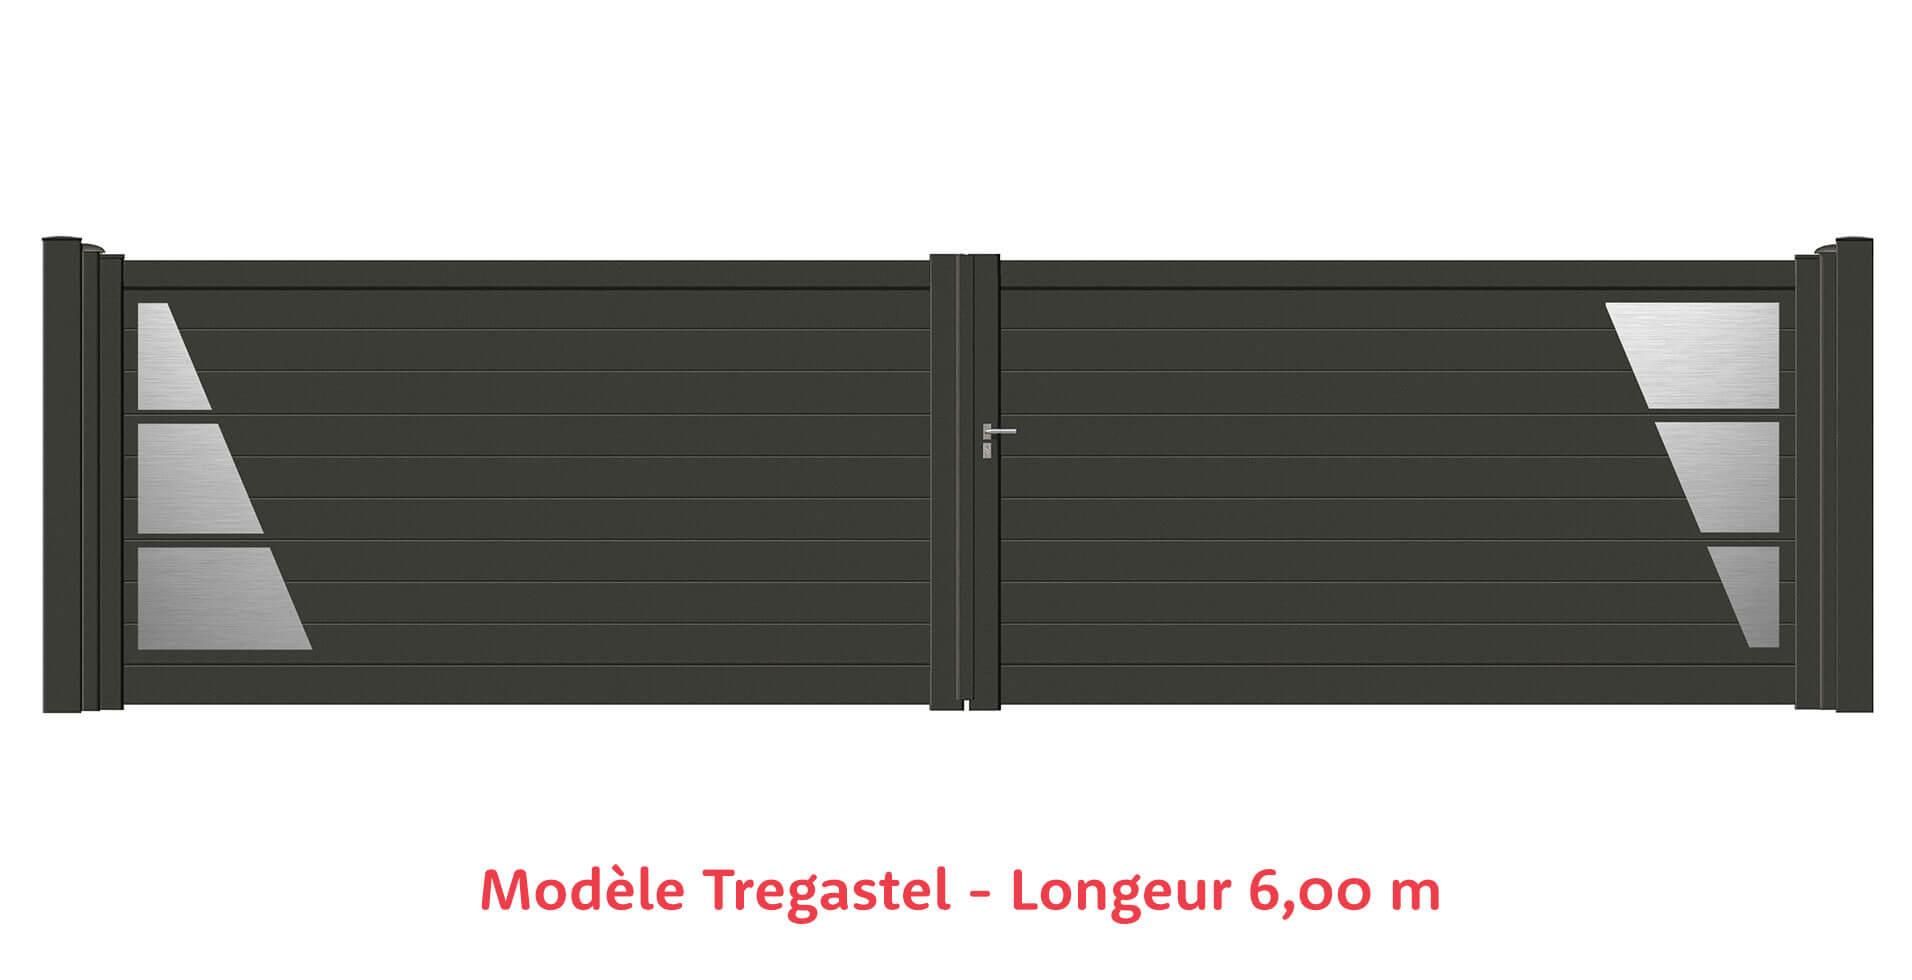 Modèle Tregastel - Longueur 6 mètres - Cofreco